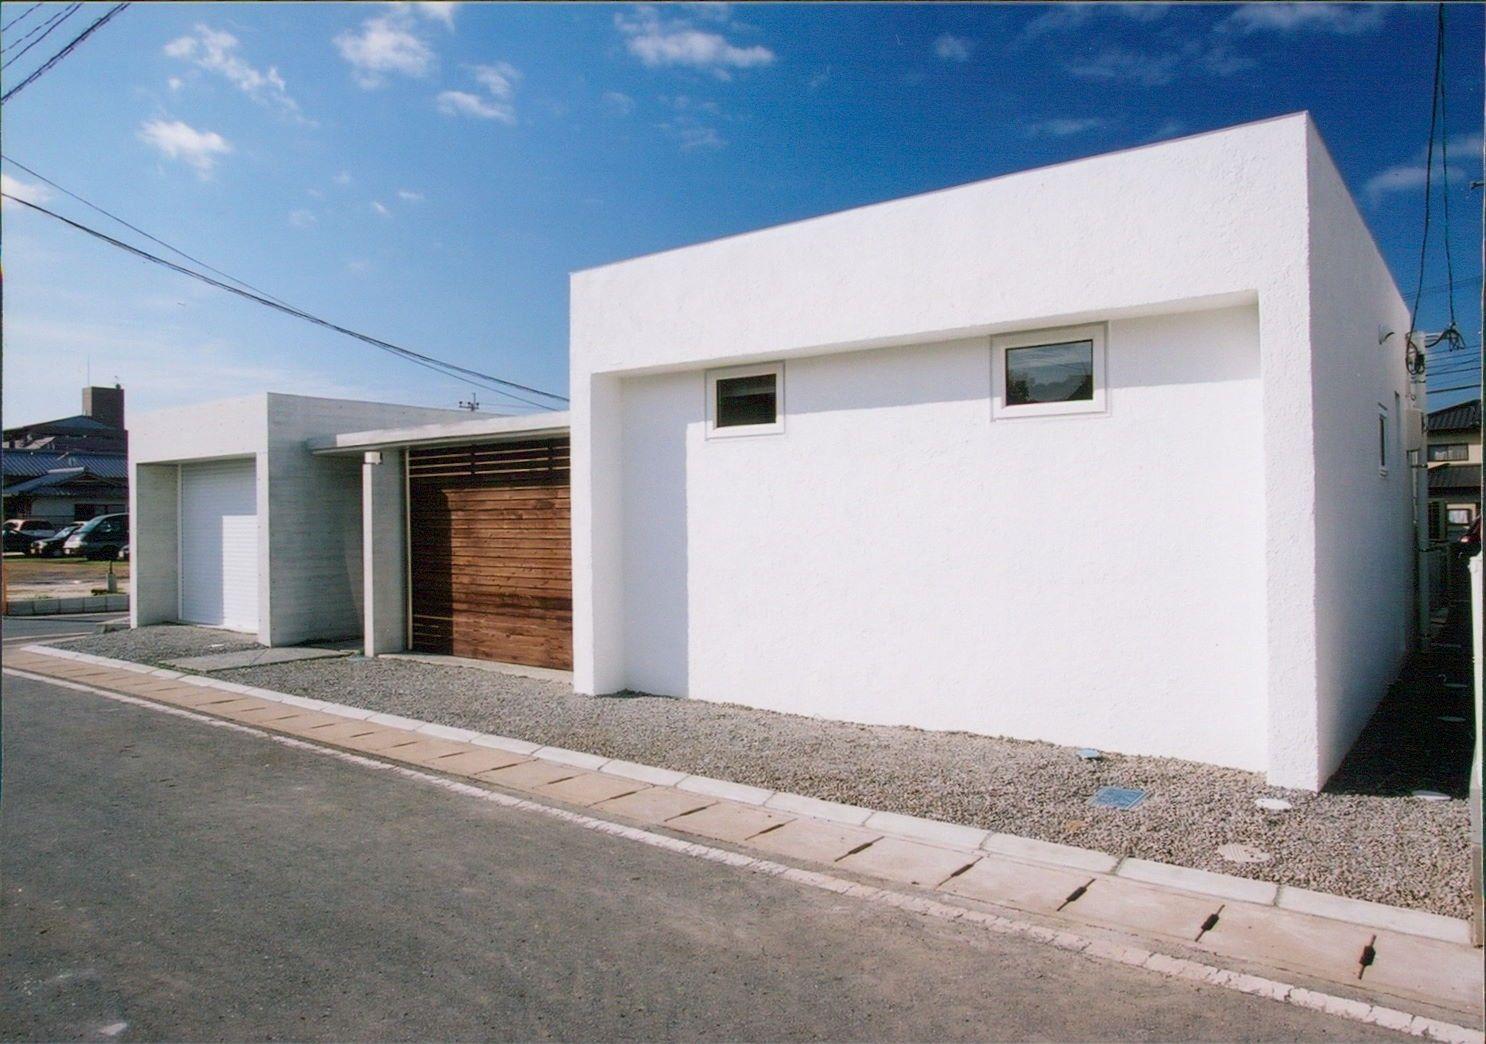 アクティブデザインが手がけた新築住宅 画像あり 新築 住宅 住宅